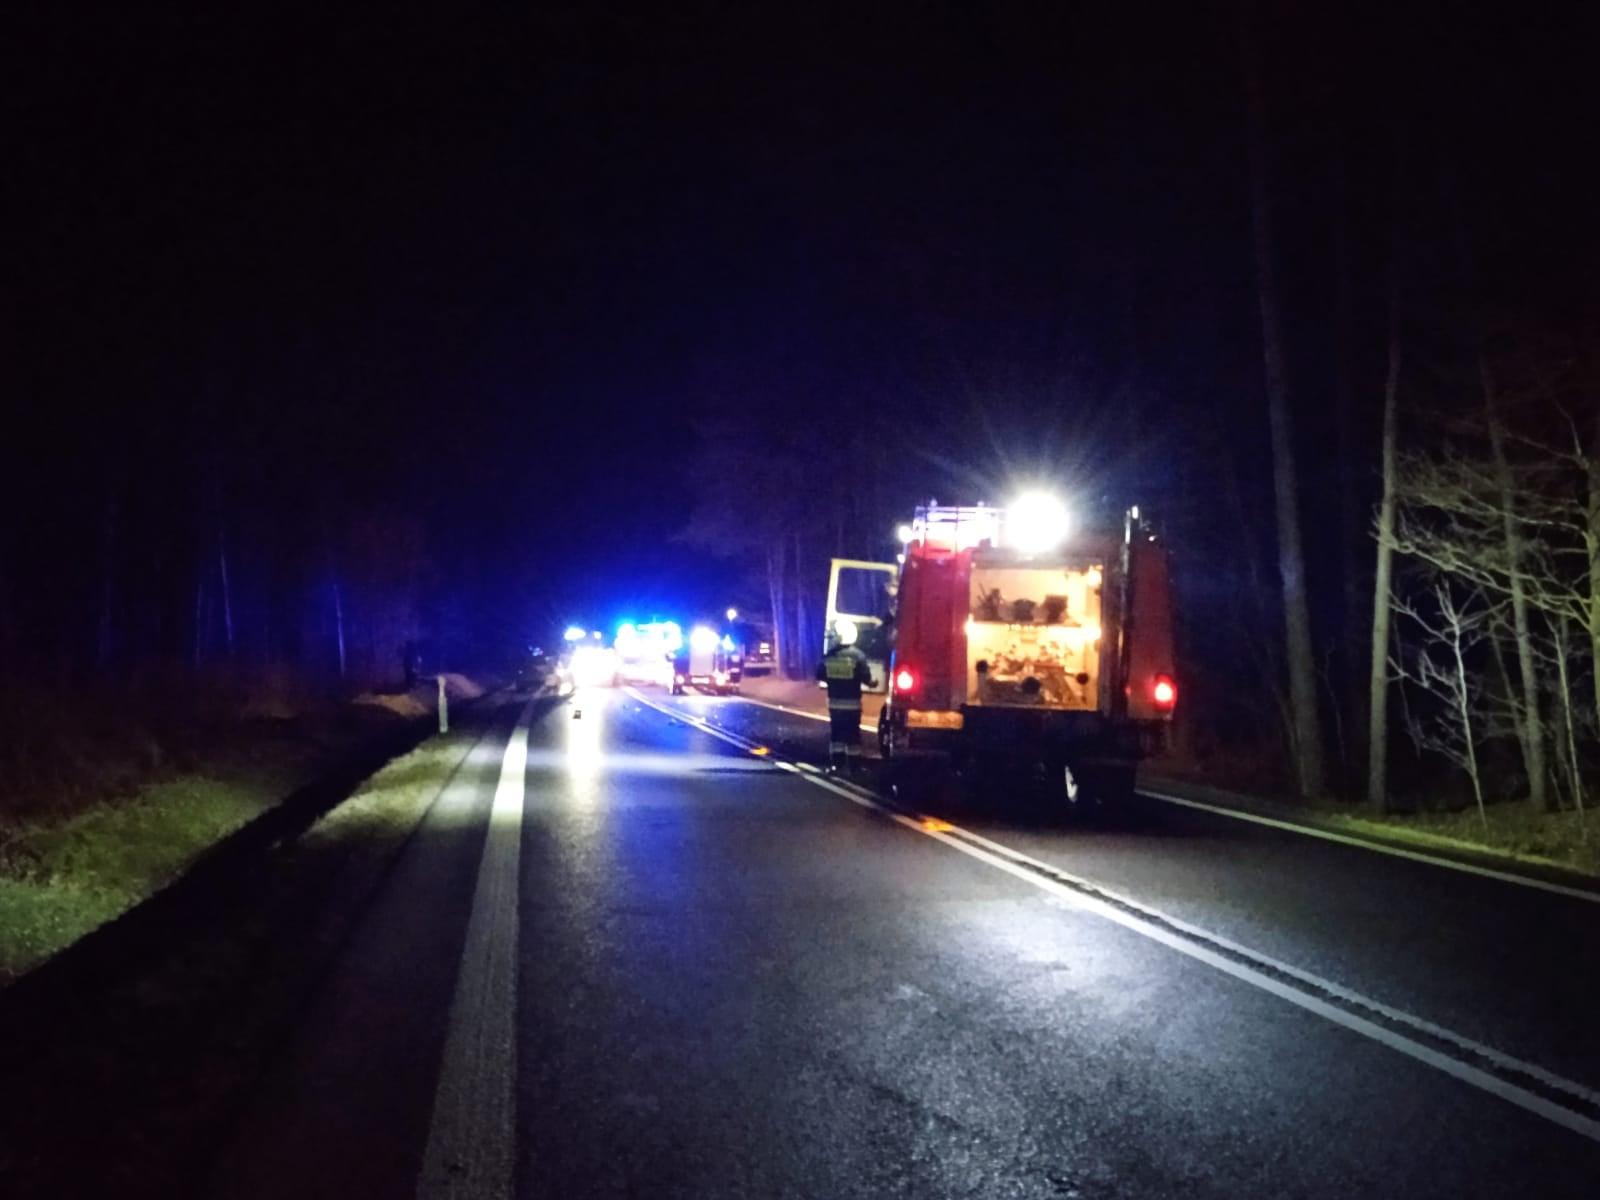 Wypadek w Komorowie. Policja o tragedii na DK 9  [ZDJĘCIA - WIDEO] - Zdjęcie główne